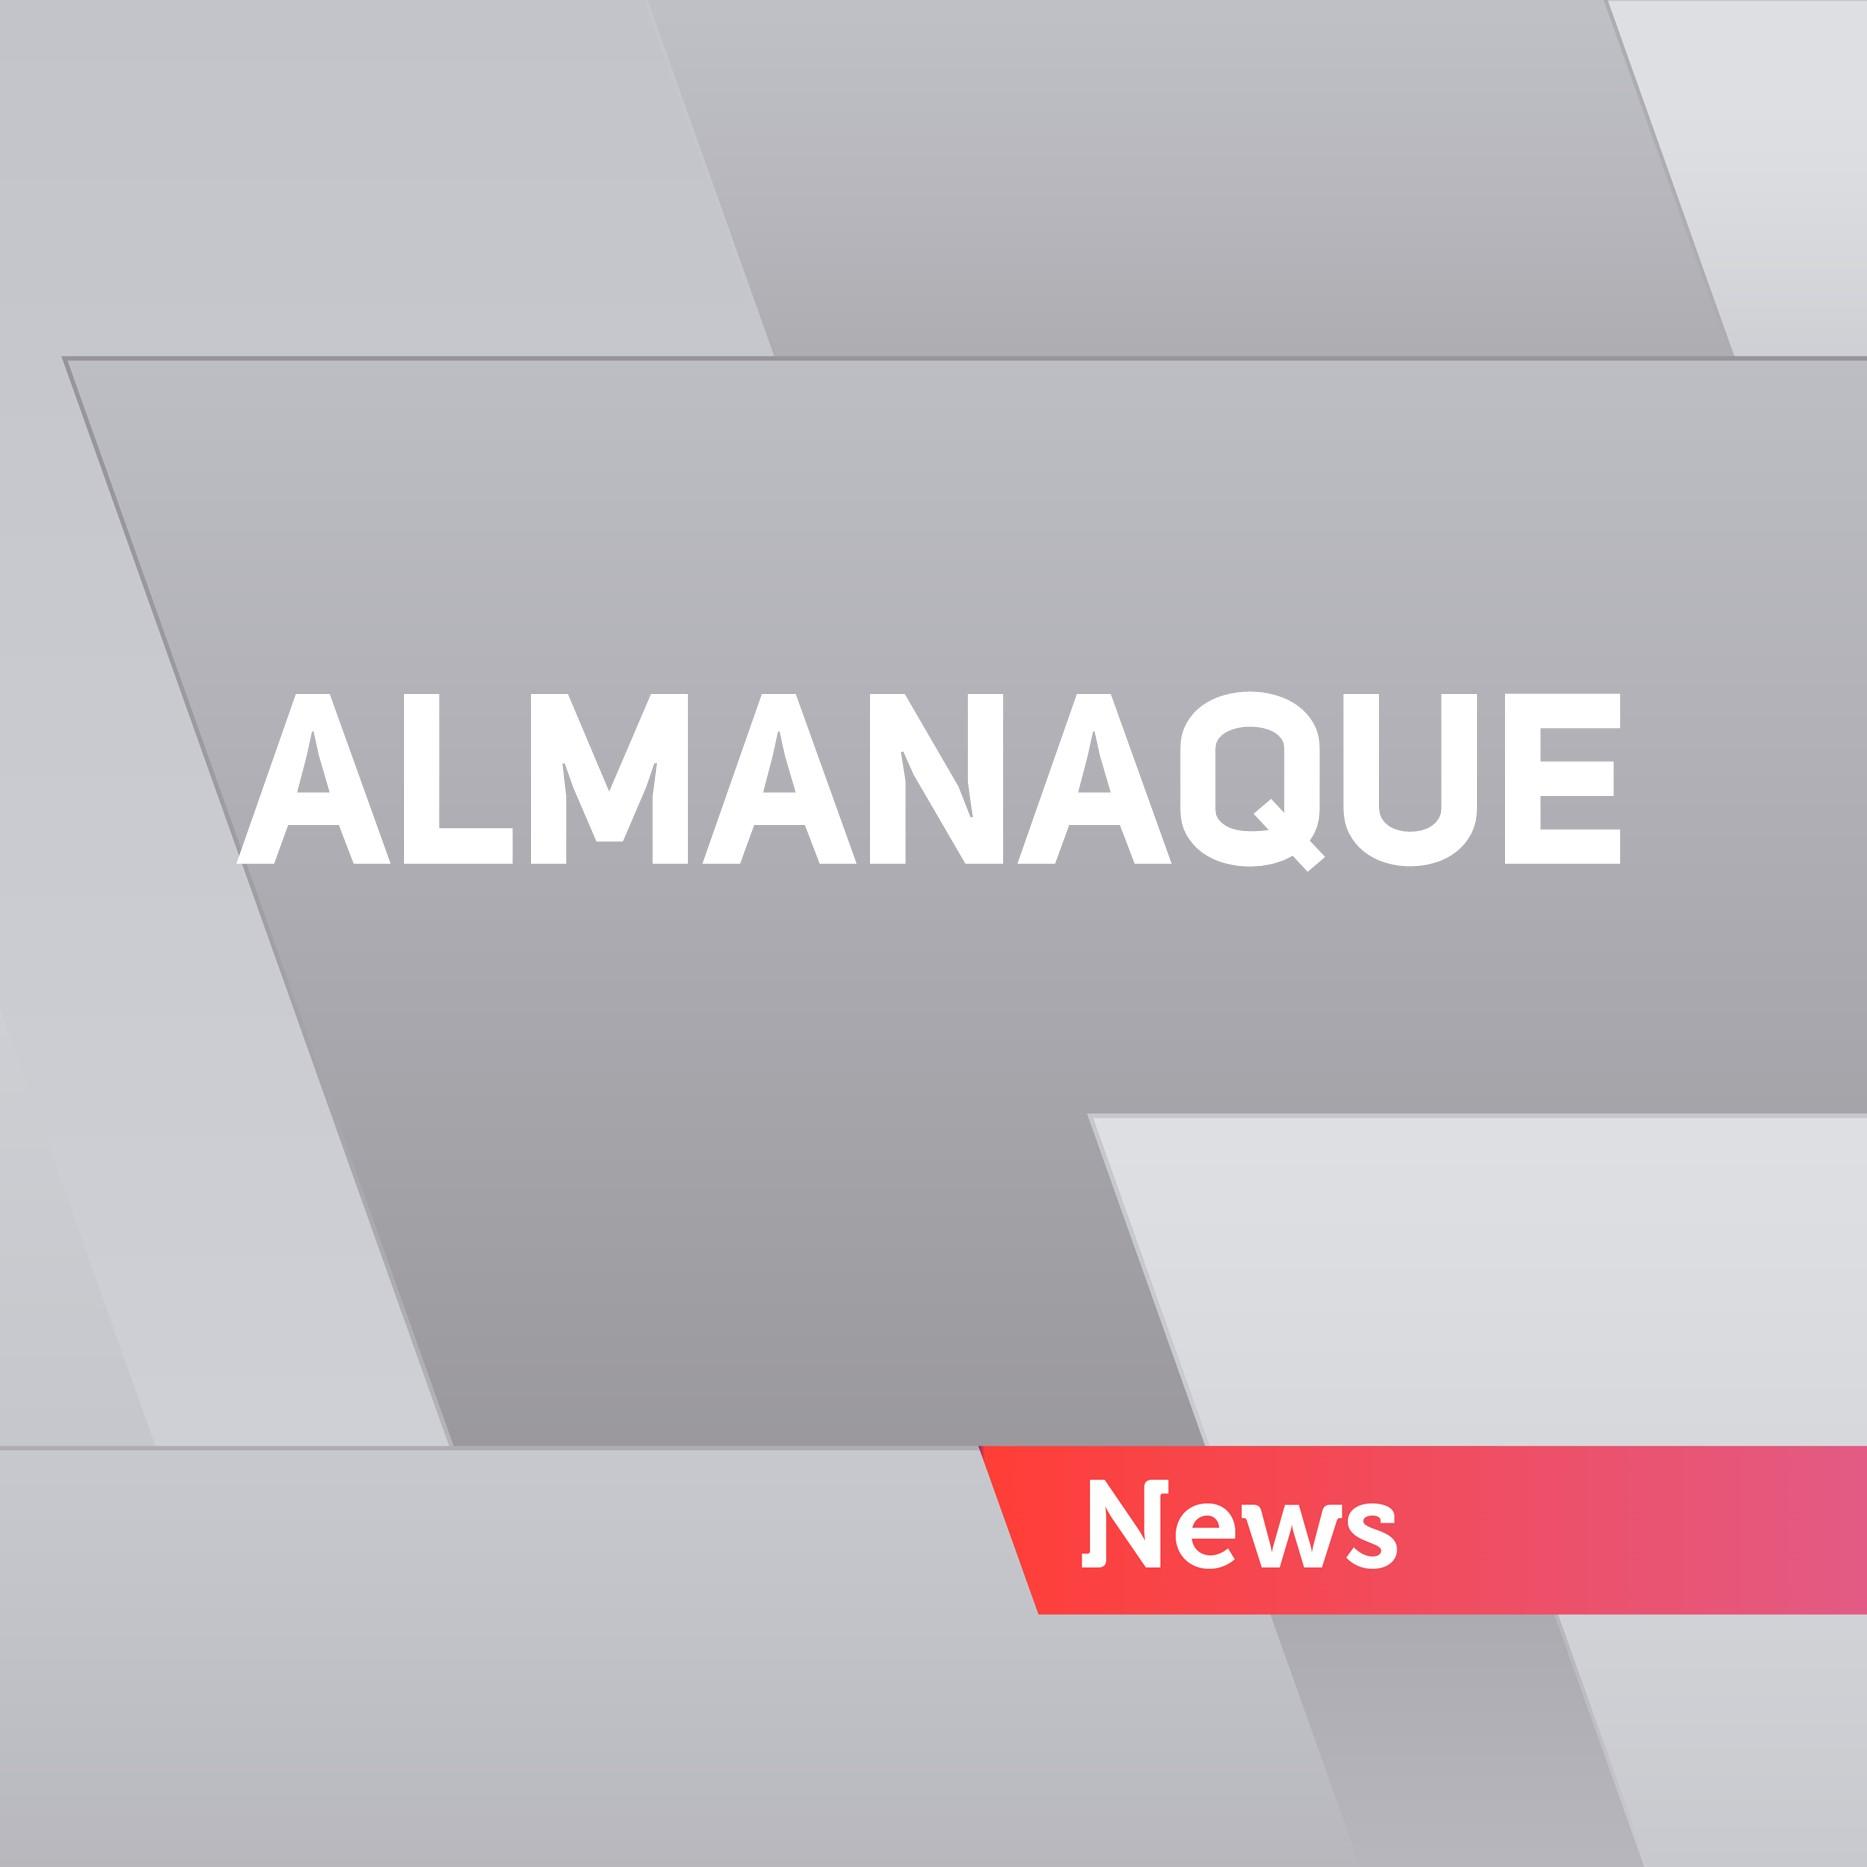 Almanaque Gaúcha Hoje: o 04/12 na história